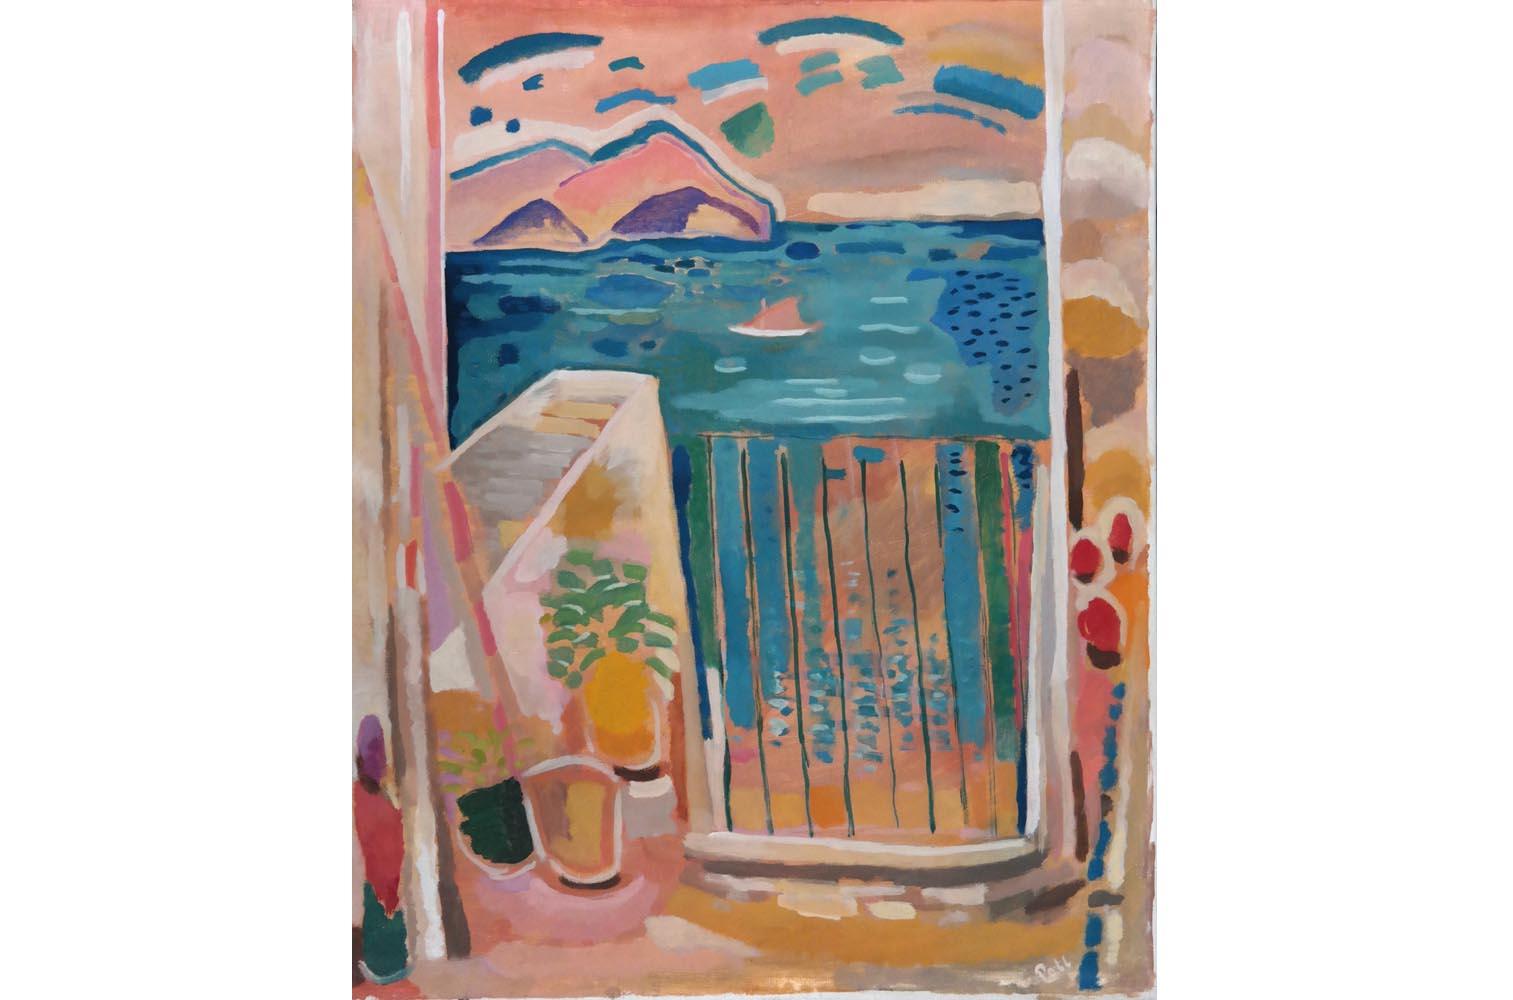 """Hermann Poll """" Terrasse """" 1950er, Öl auf Leinwand, sign., 55 x 45 cm, 8.000 €"""